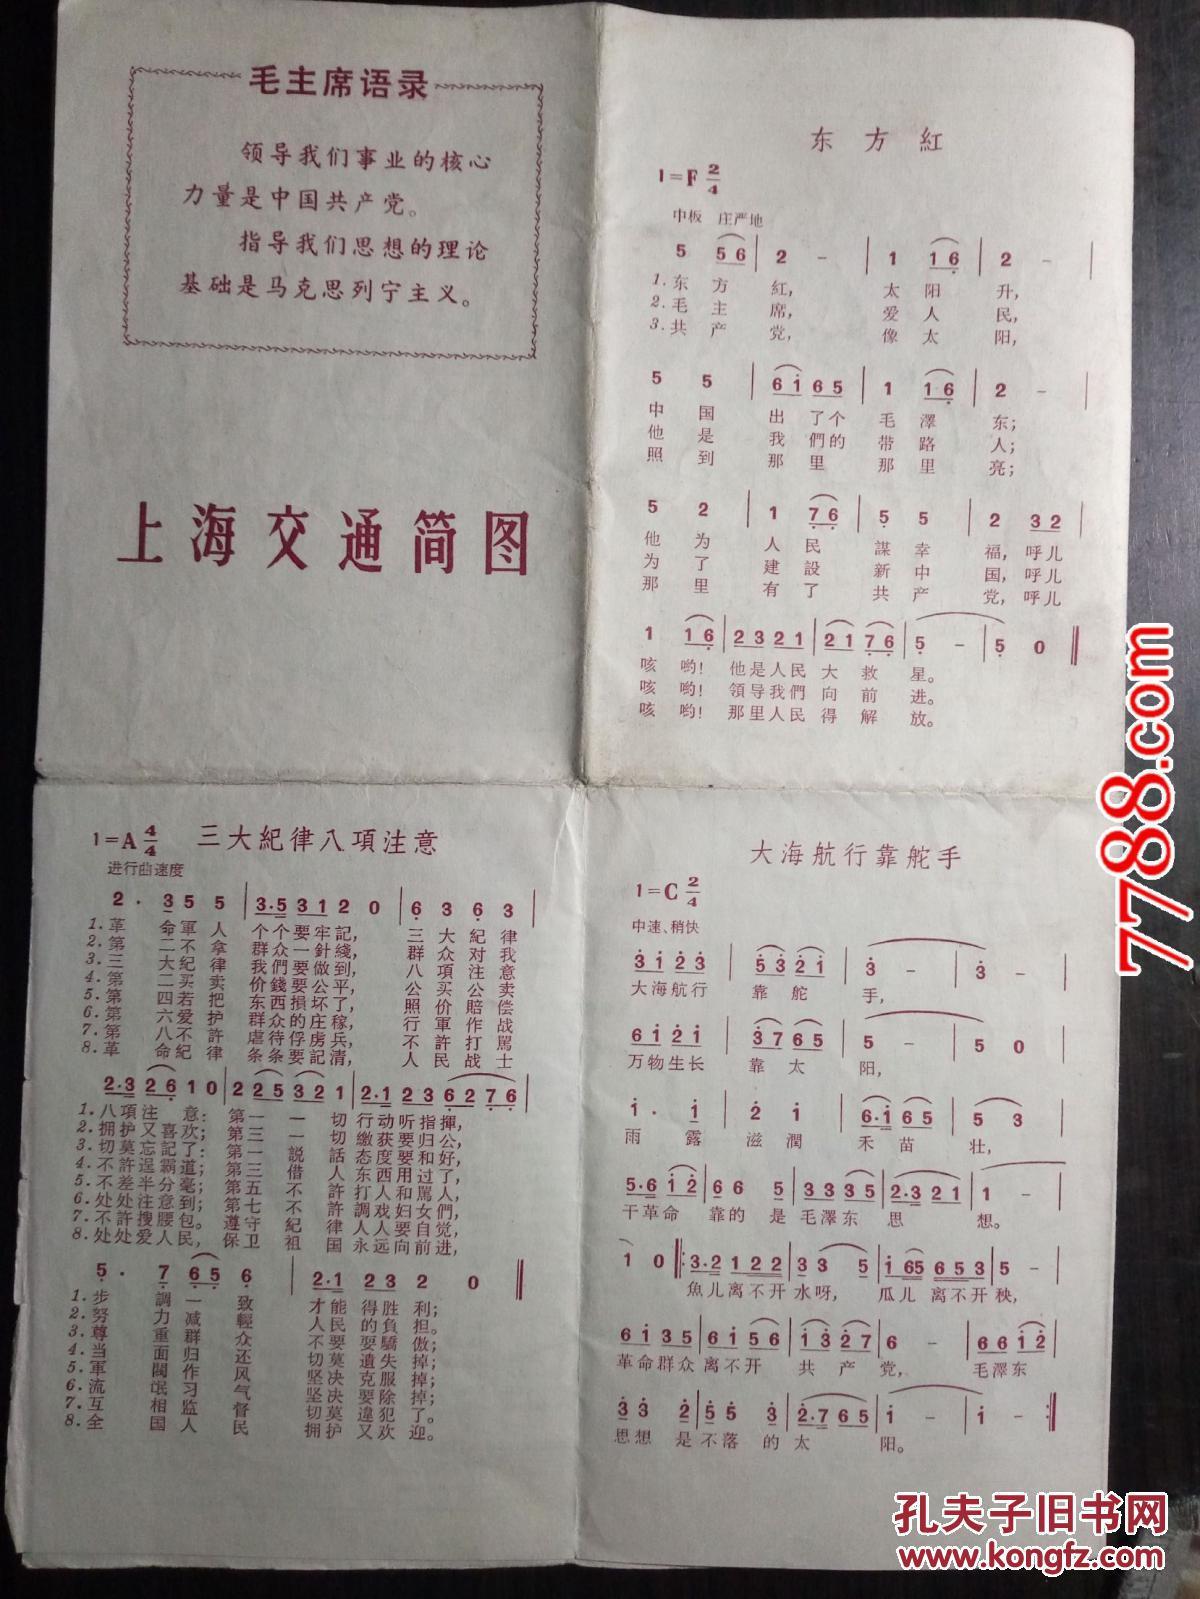 1971年上海交通简图(五首革命歌曲)